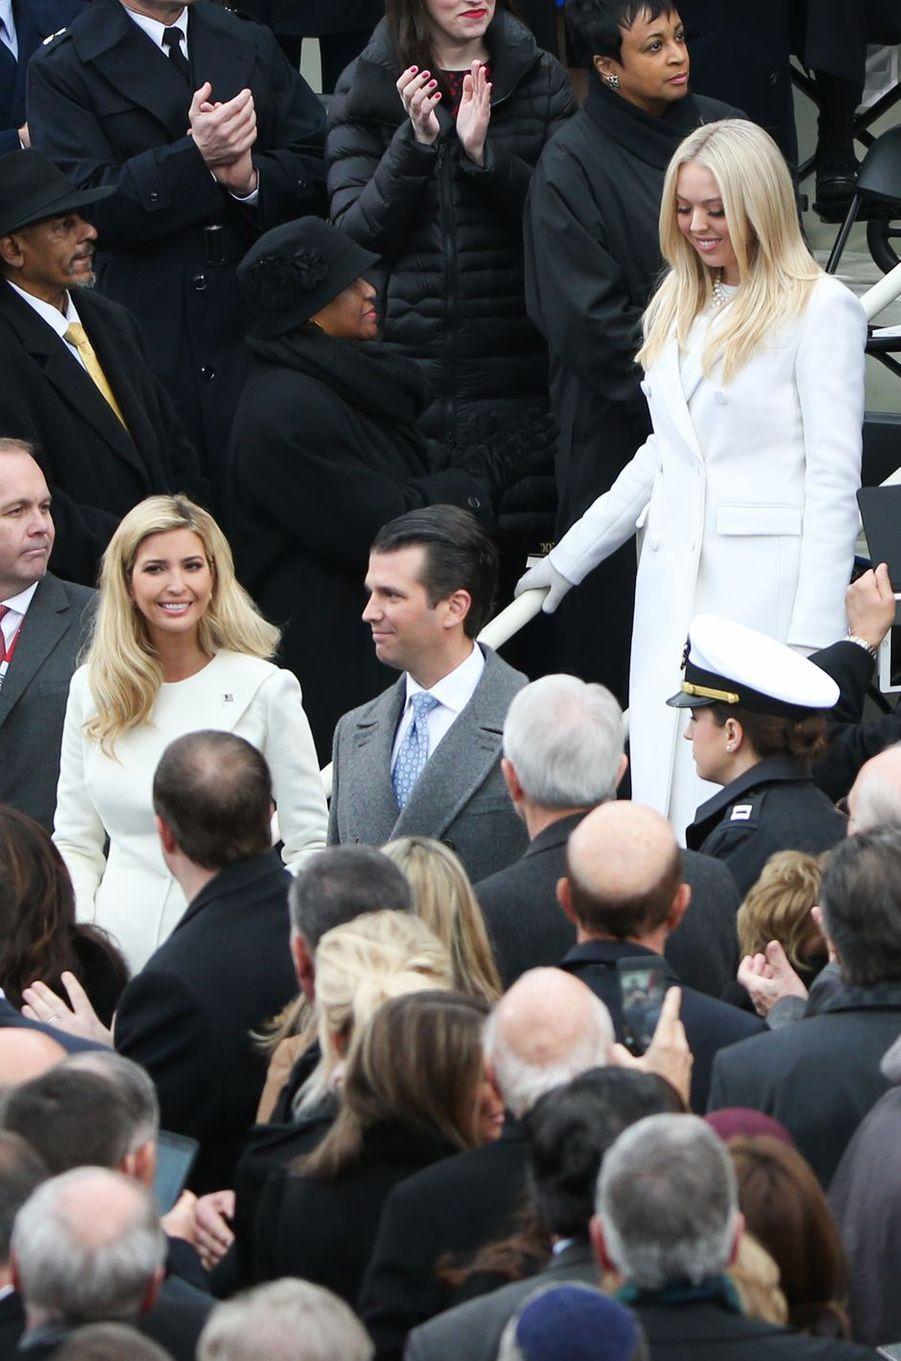 Ivanka Trump à l'investiture de son père Donald Trump, le 20 janvier 2017.